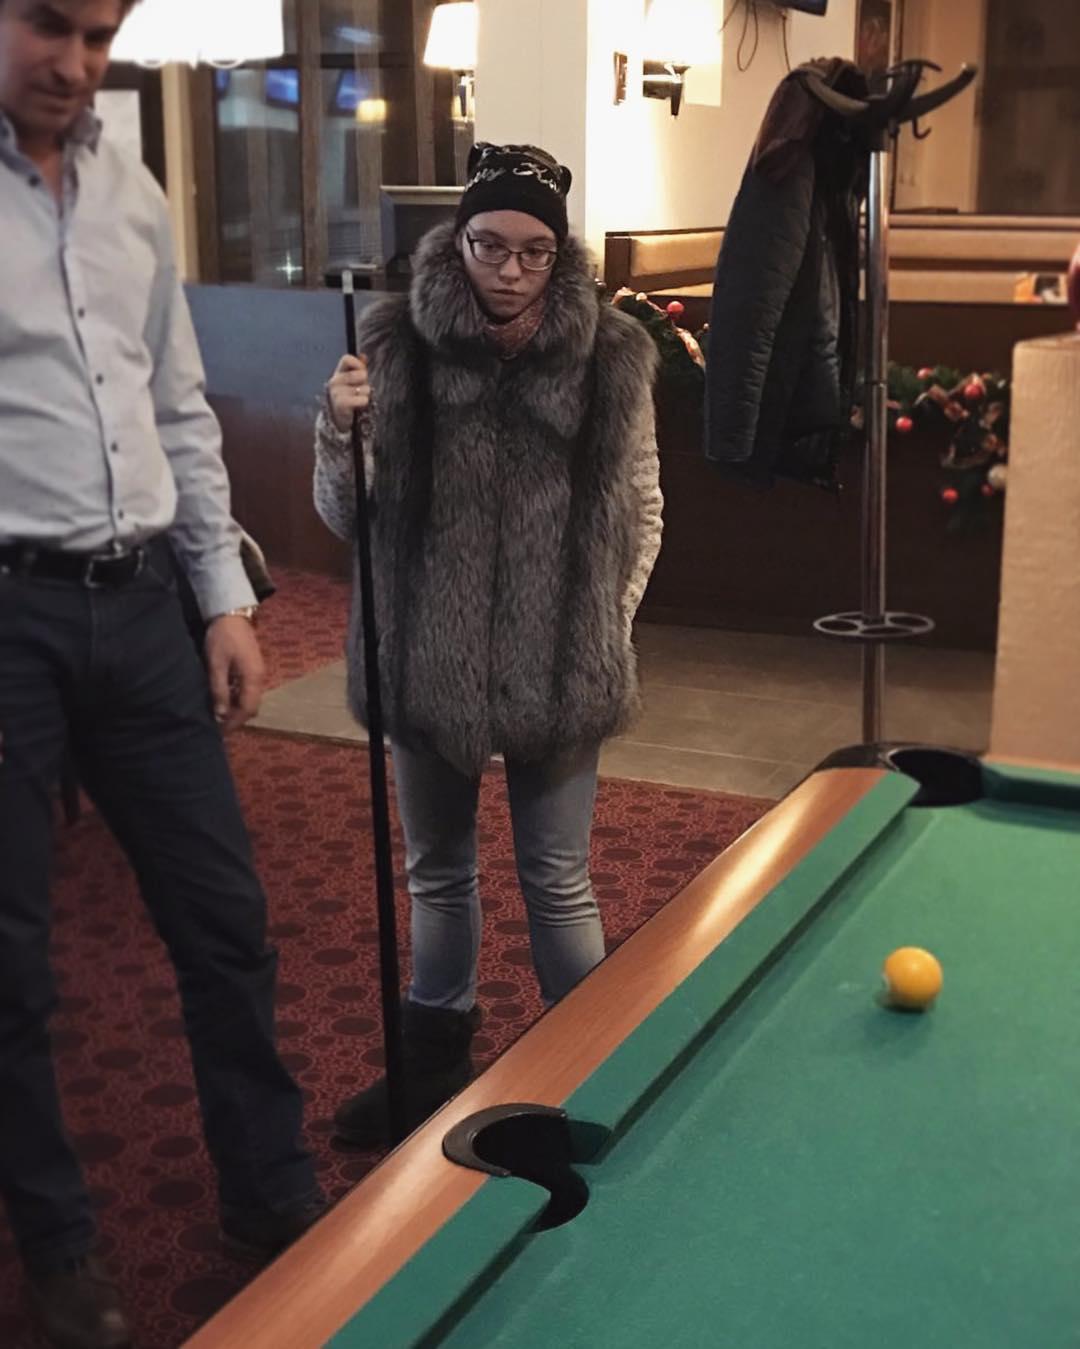 Я не очкарик: 10 звёздных наследников, которые с гордостью носят очки